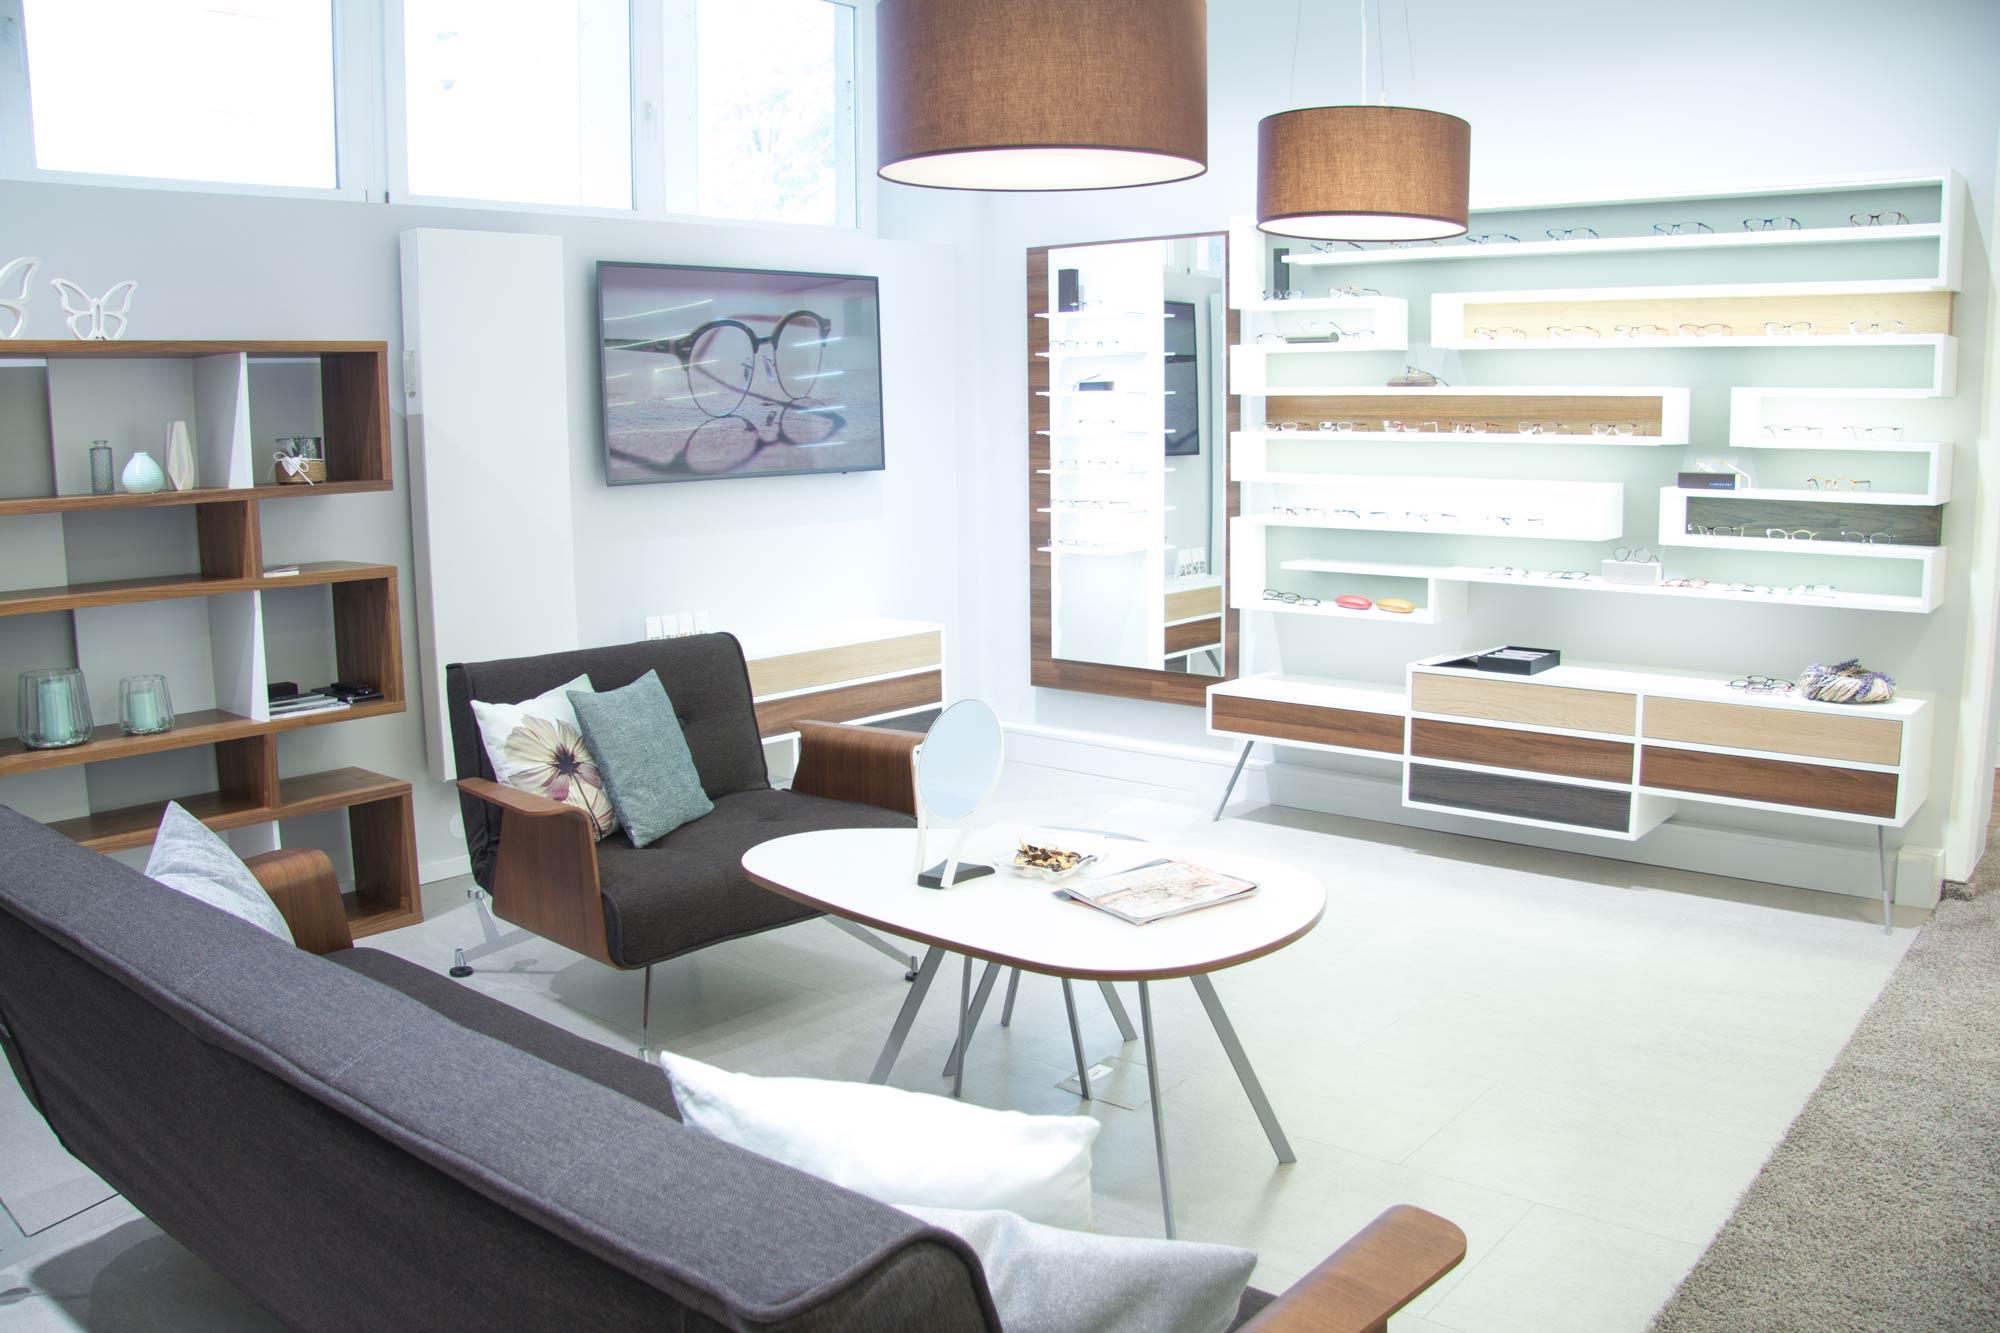 Optik Sagawe in Reutershagen ist das Zeiss Vision Center in der Ernst-Thälmann-Strasse von Rostock mit moderner Lounge